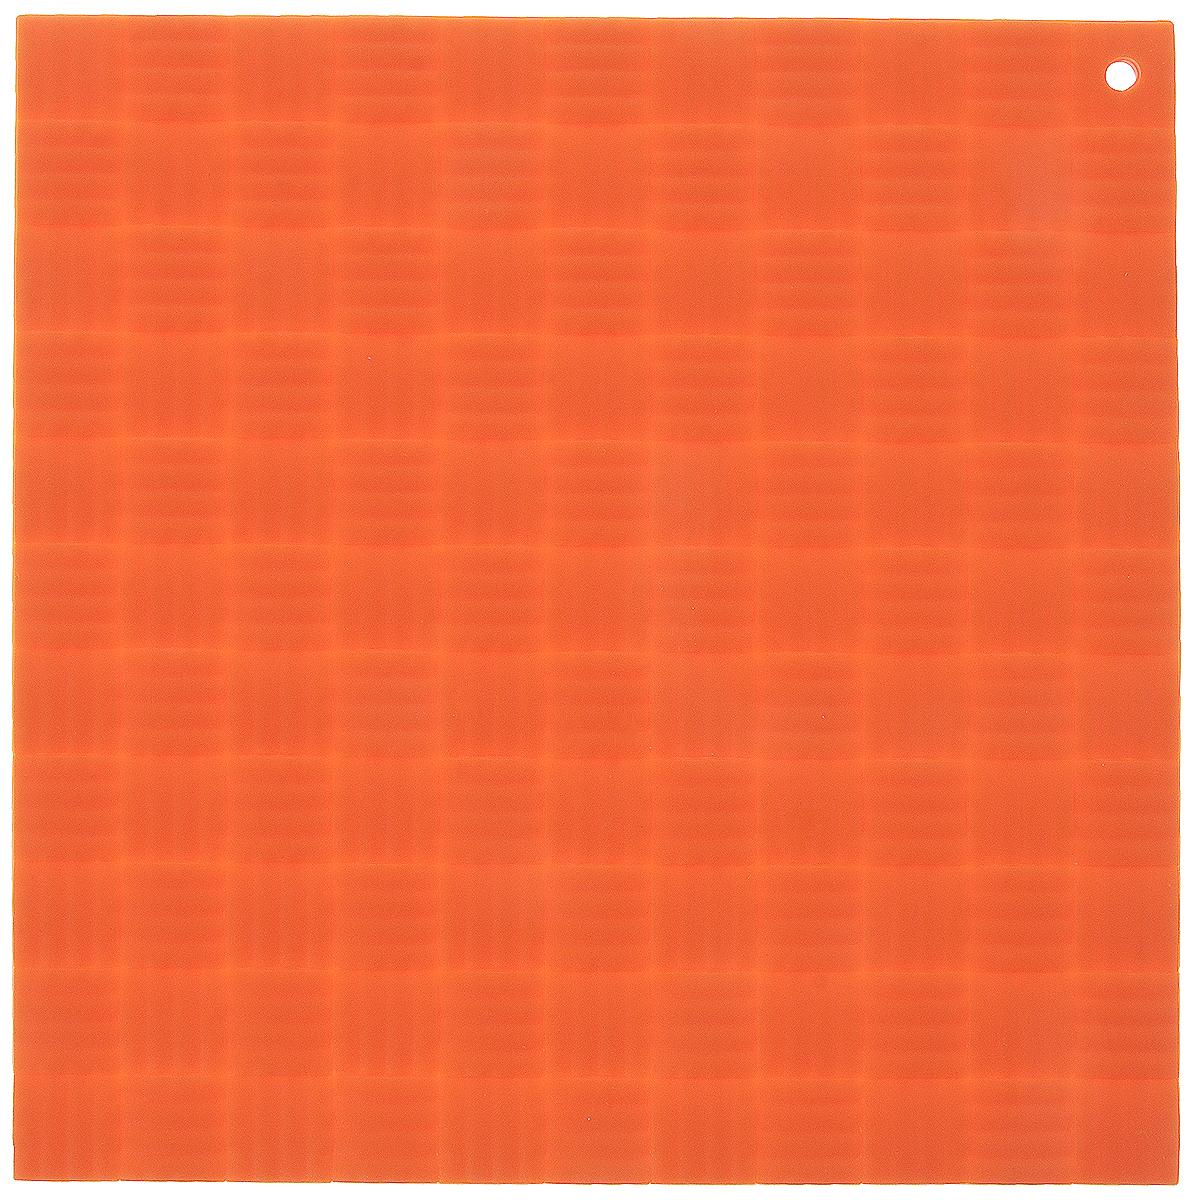 Подставка под горячее Paterra, силиконовая, цвет: оранжевый, 17,5 х 17,5 см402-499_оранжевыйПодставка под горячее Paterra изготовлена из силикона и оснащена специальным отверстием для подвешивания. Материал позволяет выдерживать высокие температуры и не скользит по поверхности стола.Каждая хозяйка знает, что подставка под горячее - это незаменимый и очень полезный аксессуар на каждойкухне. Ваш стол будет не только украшен яркой и оригинальной подставкой, но и сбережен от воздействия высоких температур.